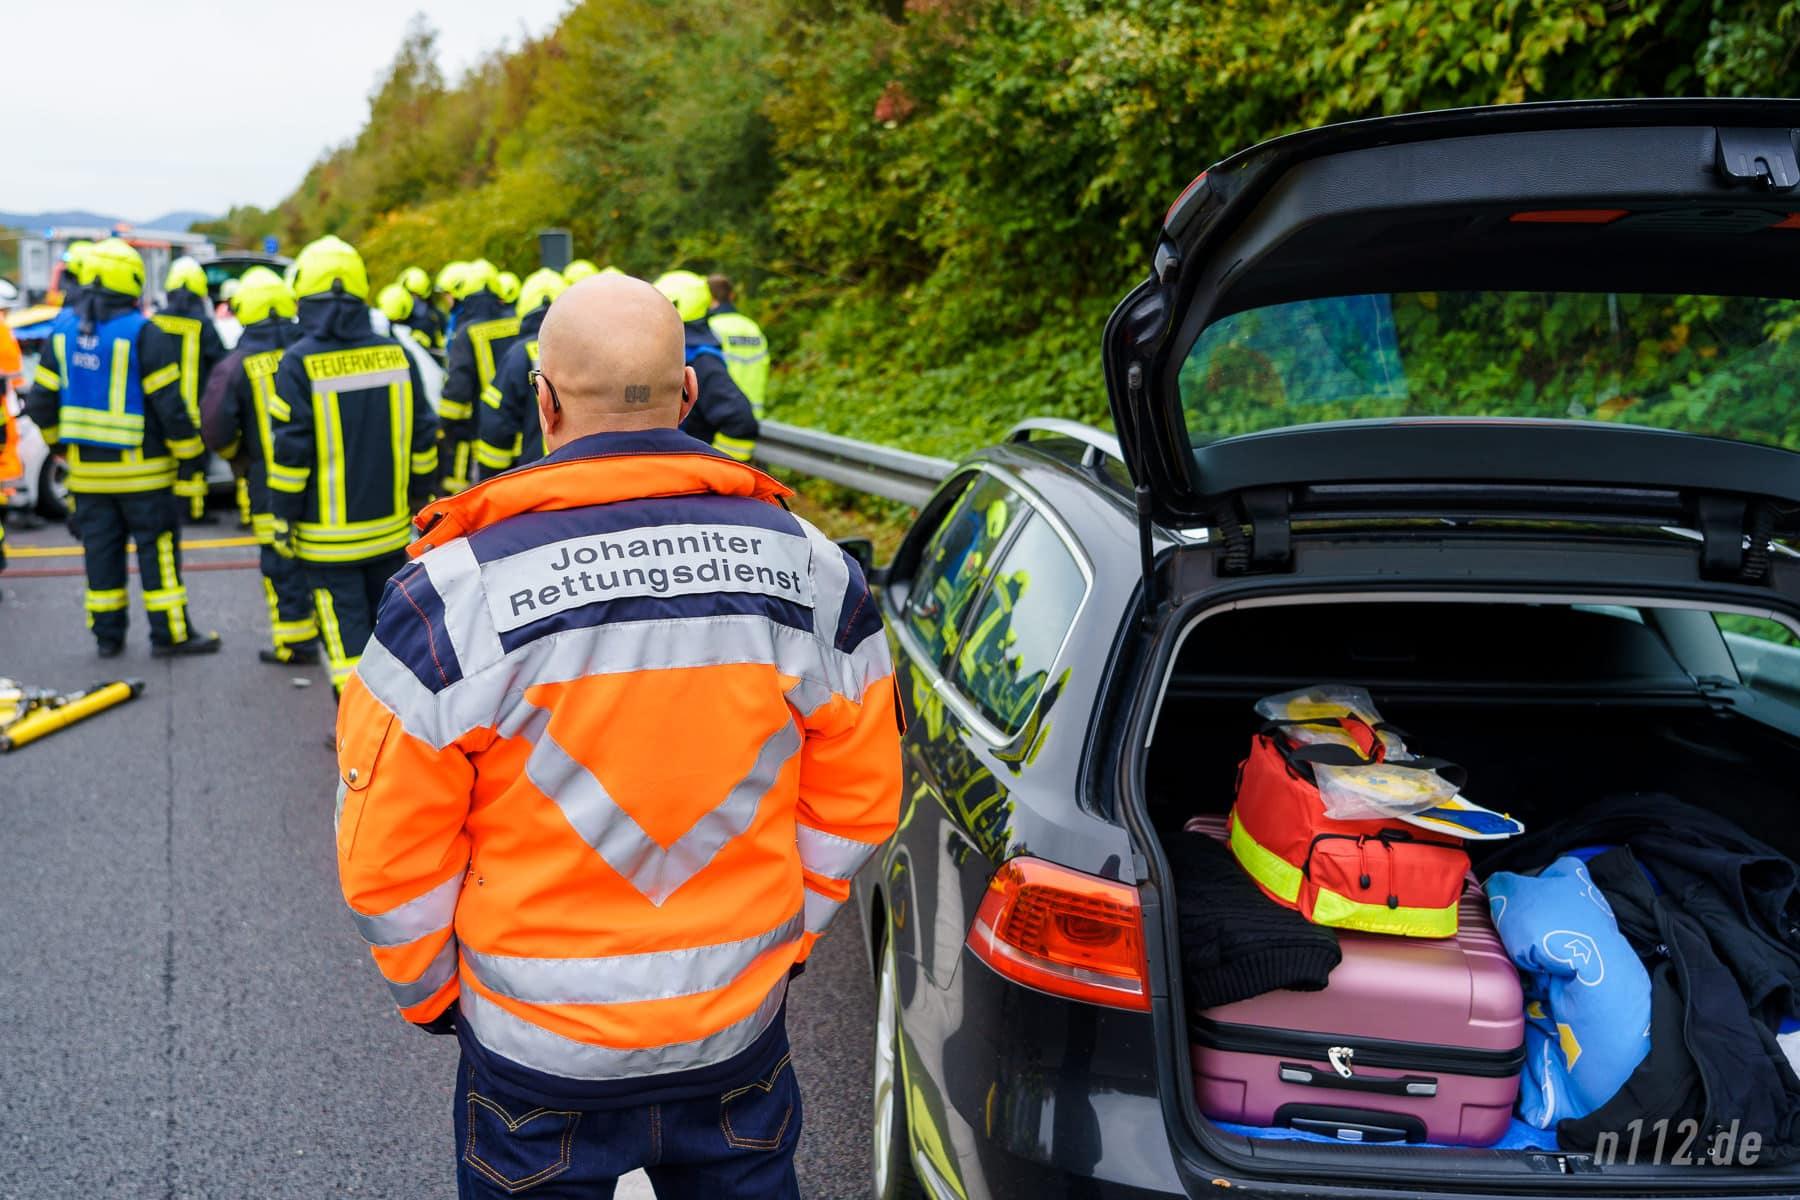 Privat gekaufte Notfalltasche im Kofferraum: Der Rettungsassistent aus Braunschweig konnte adäquat helfen (Foto: n112.de/Stefan Simonsen)